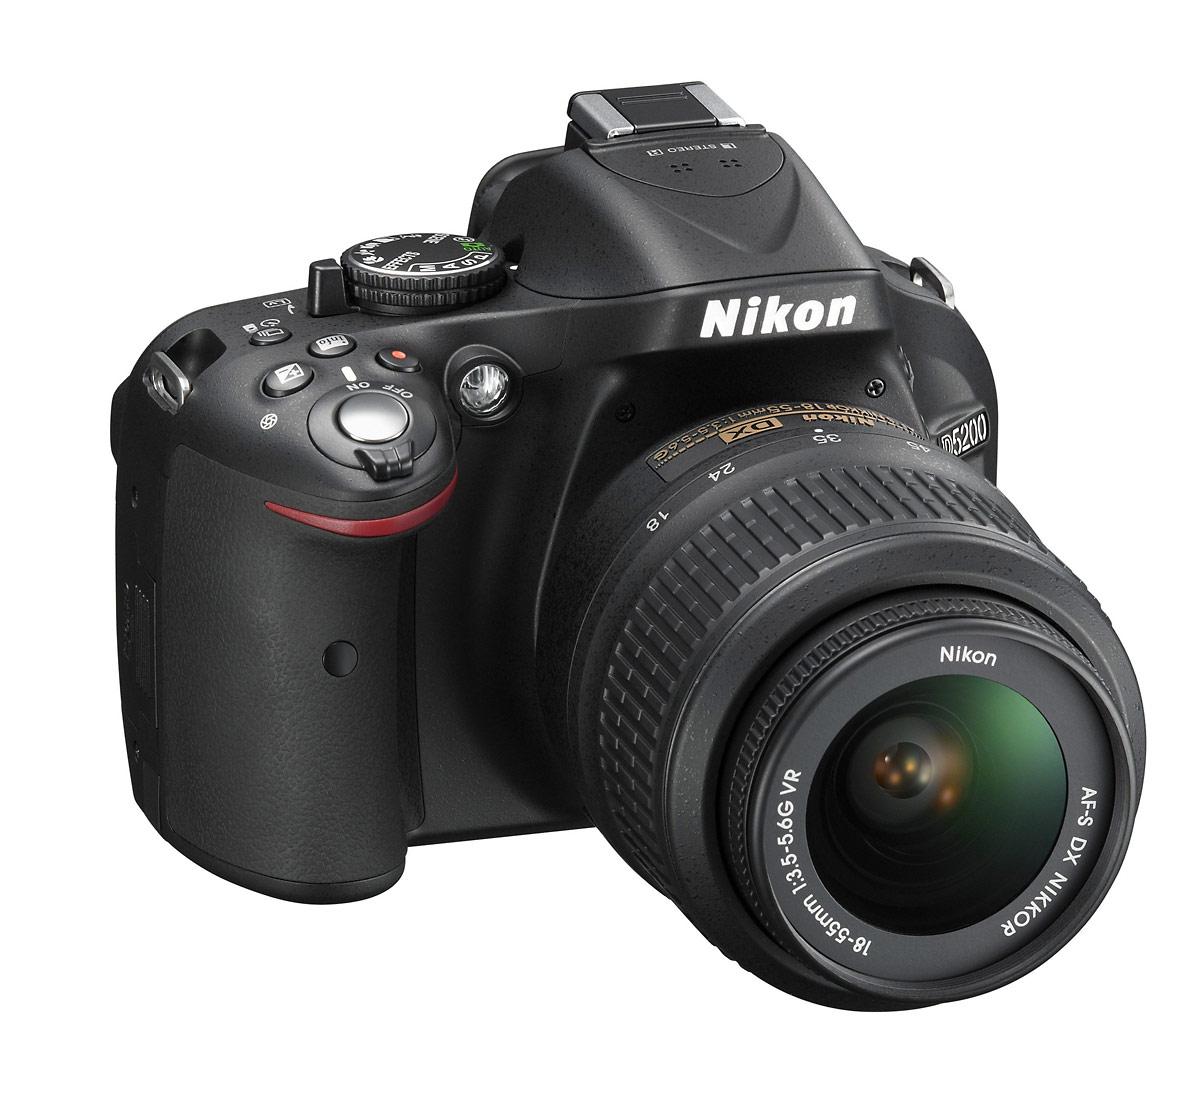 Nikon D5200 Digital SLR - Upper Right